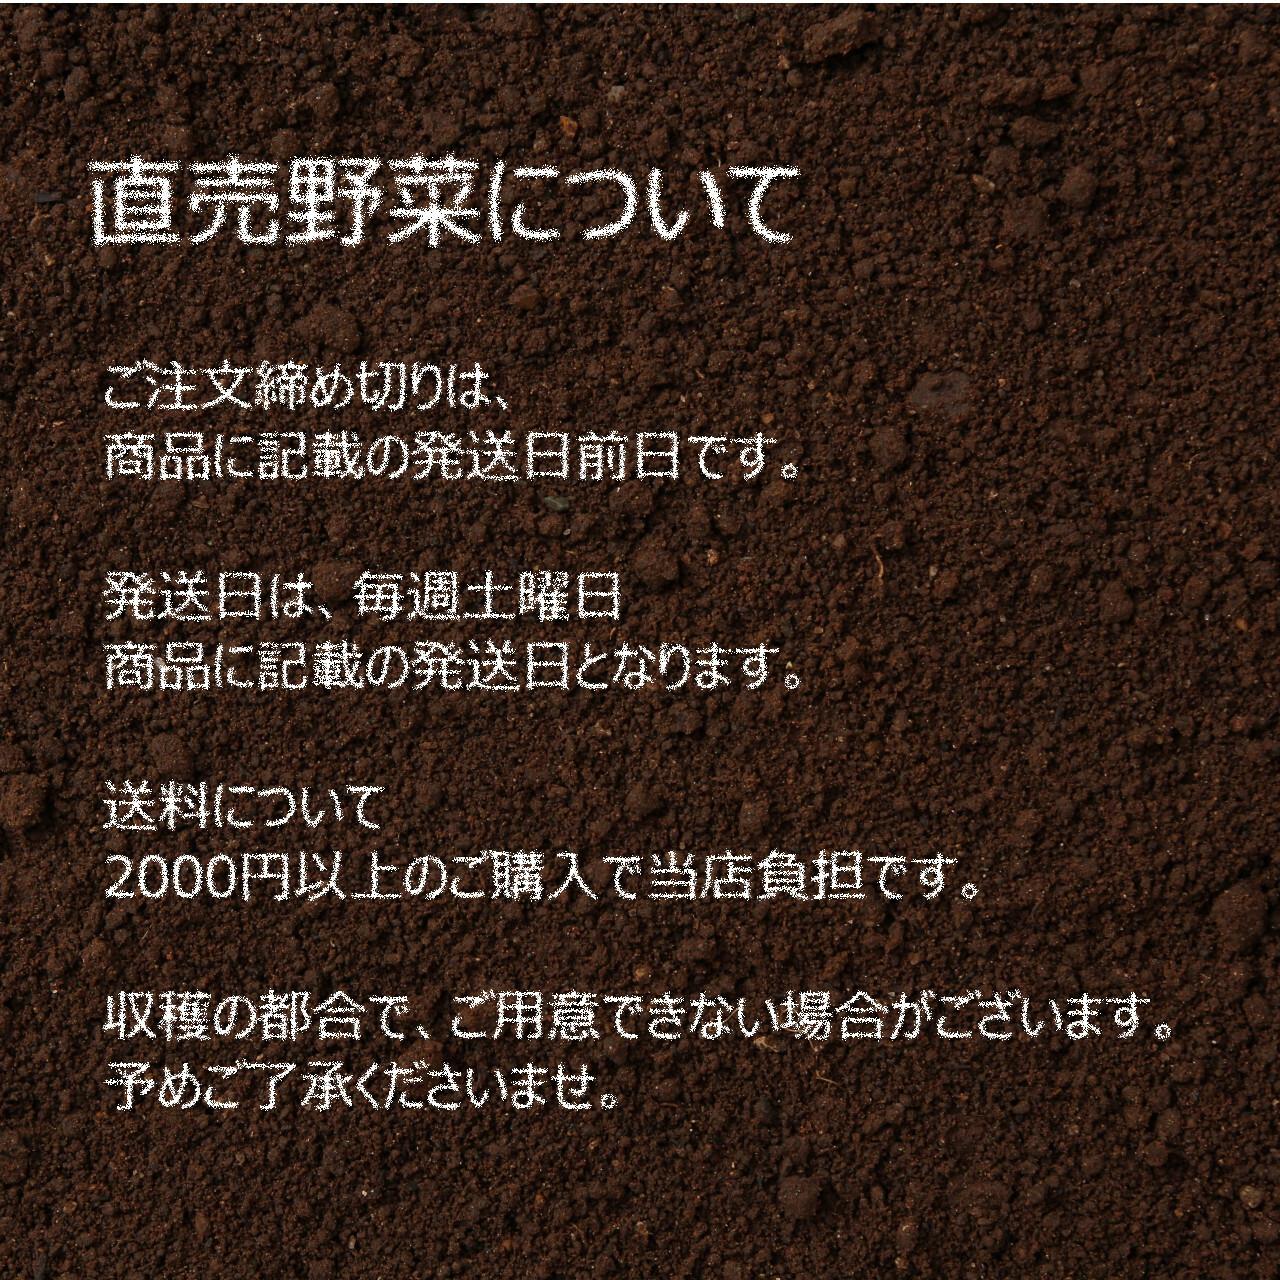 7月の新鮮野菜 : キュウリ 4~5本 朝採り直売野菜  7月20日発送予定